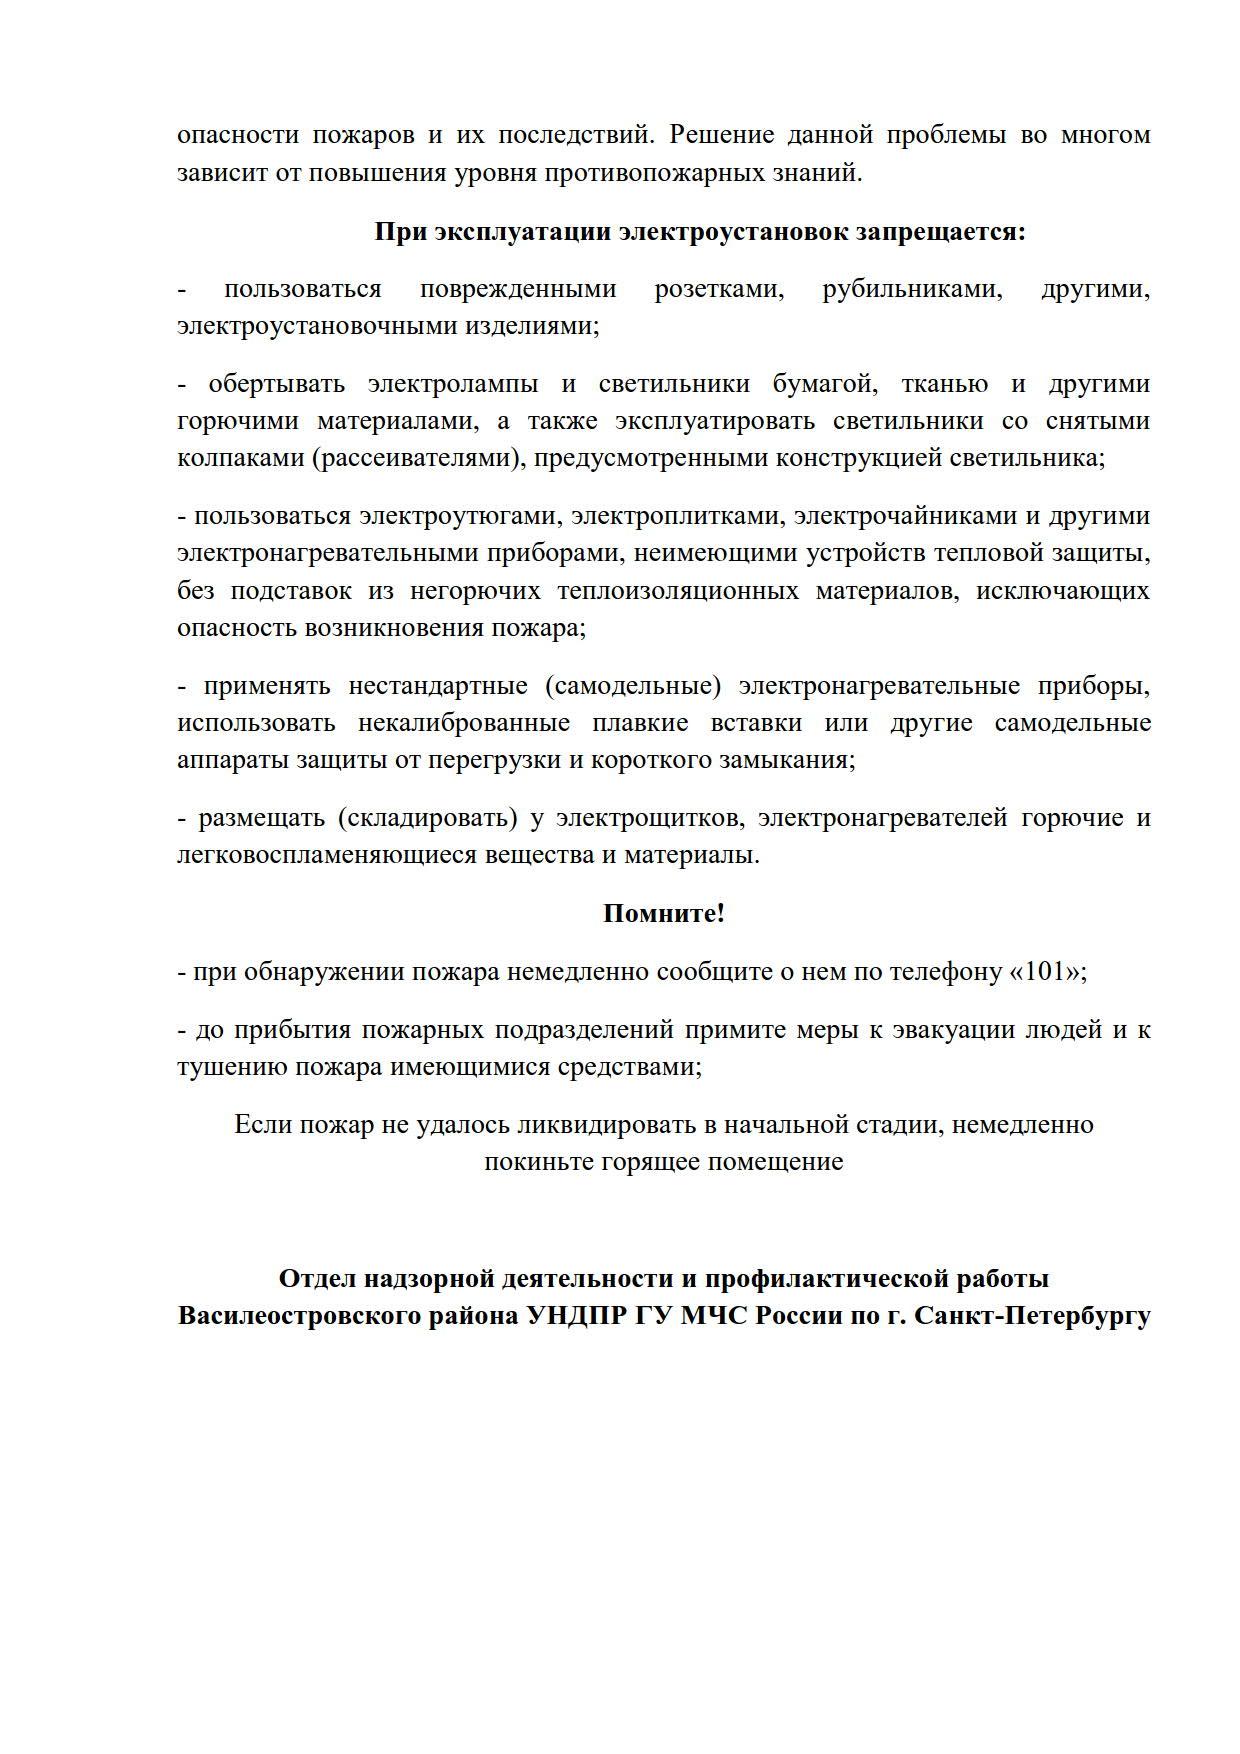 7. статья Начальник ОНДПР ВО информирует о пожарах причина курение_2